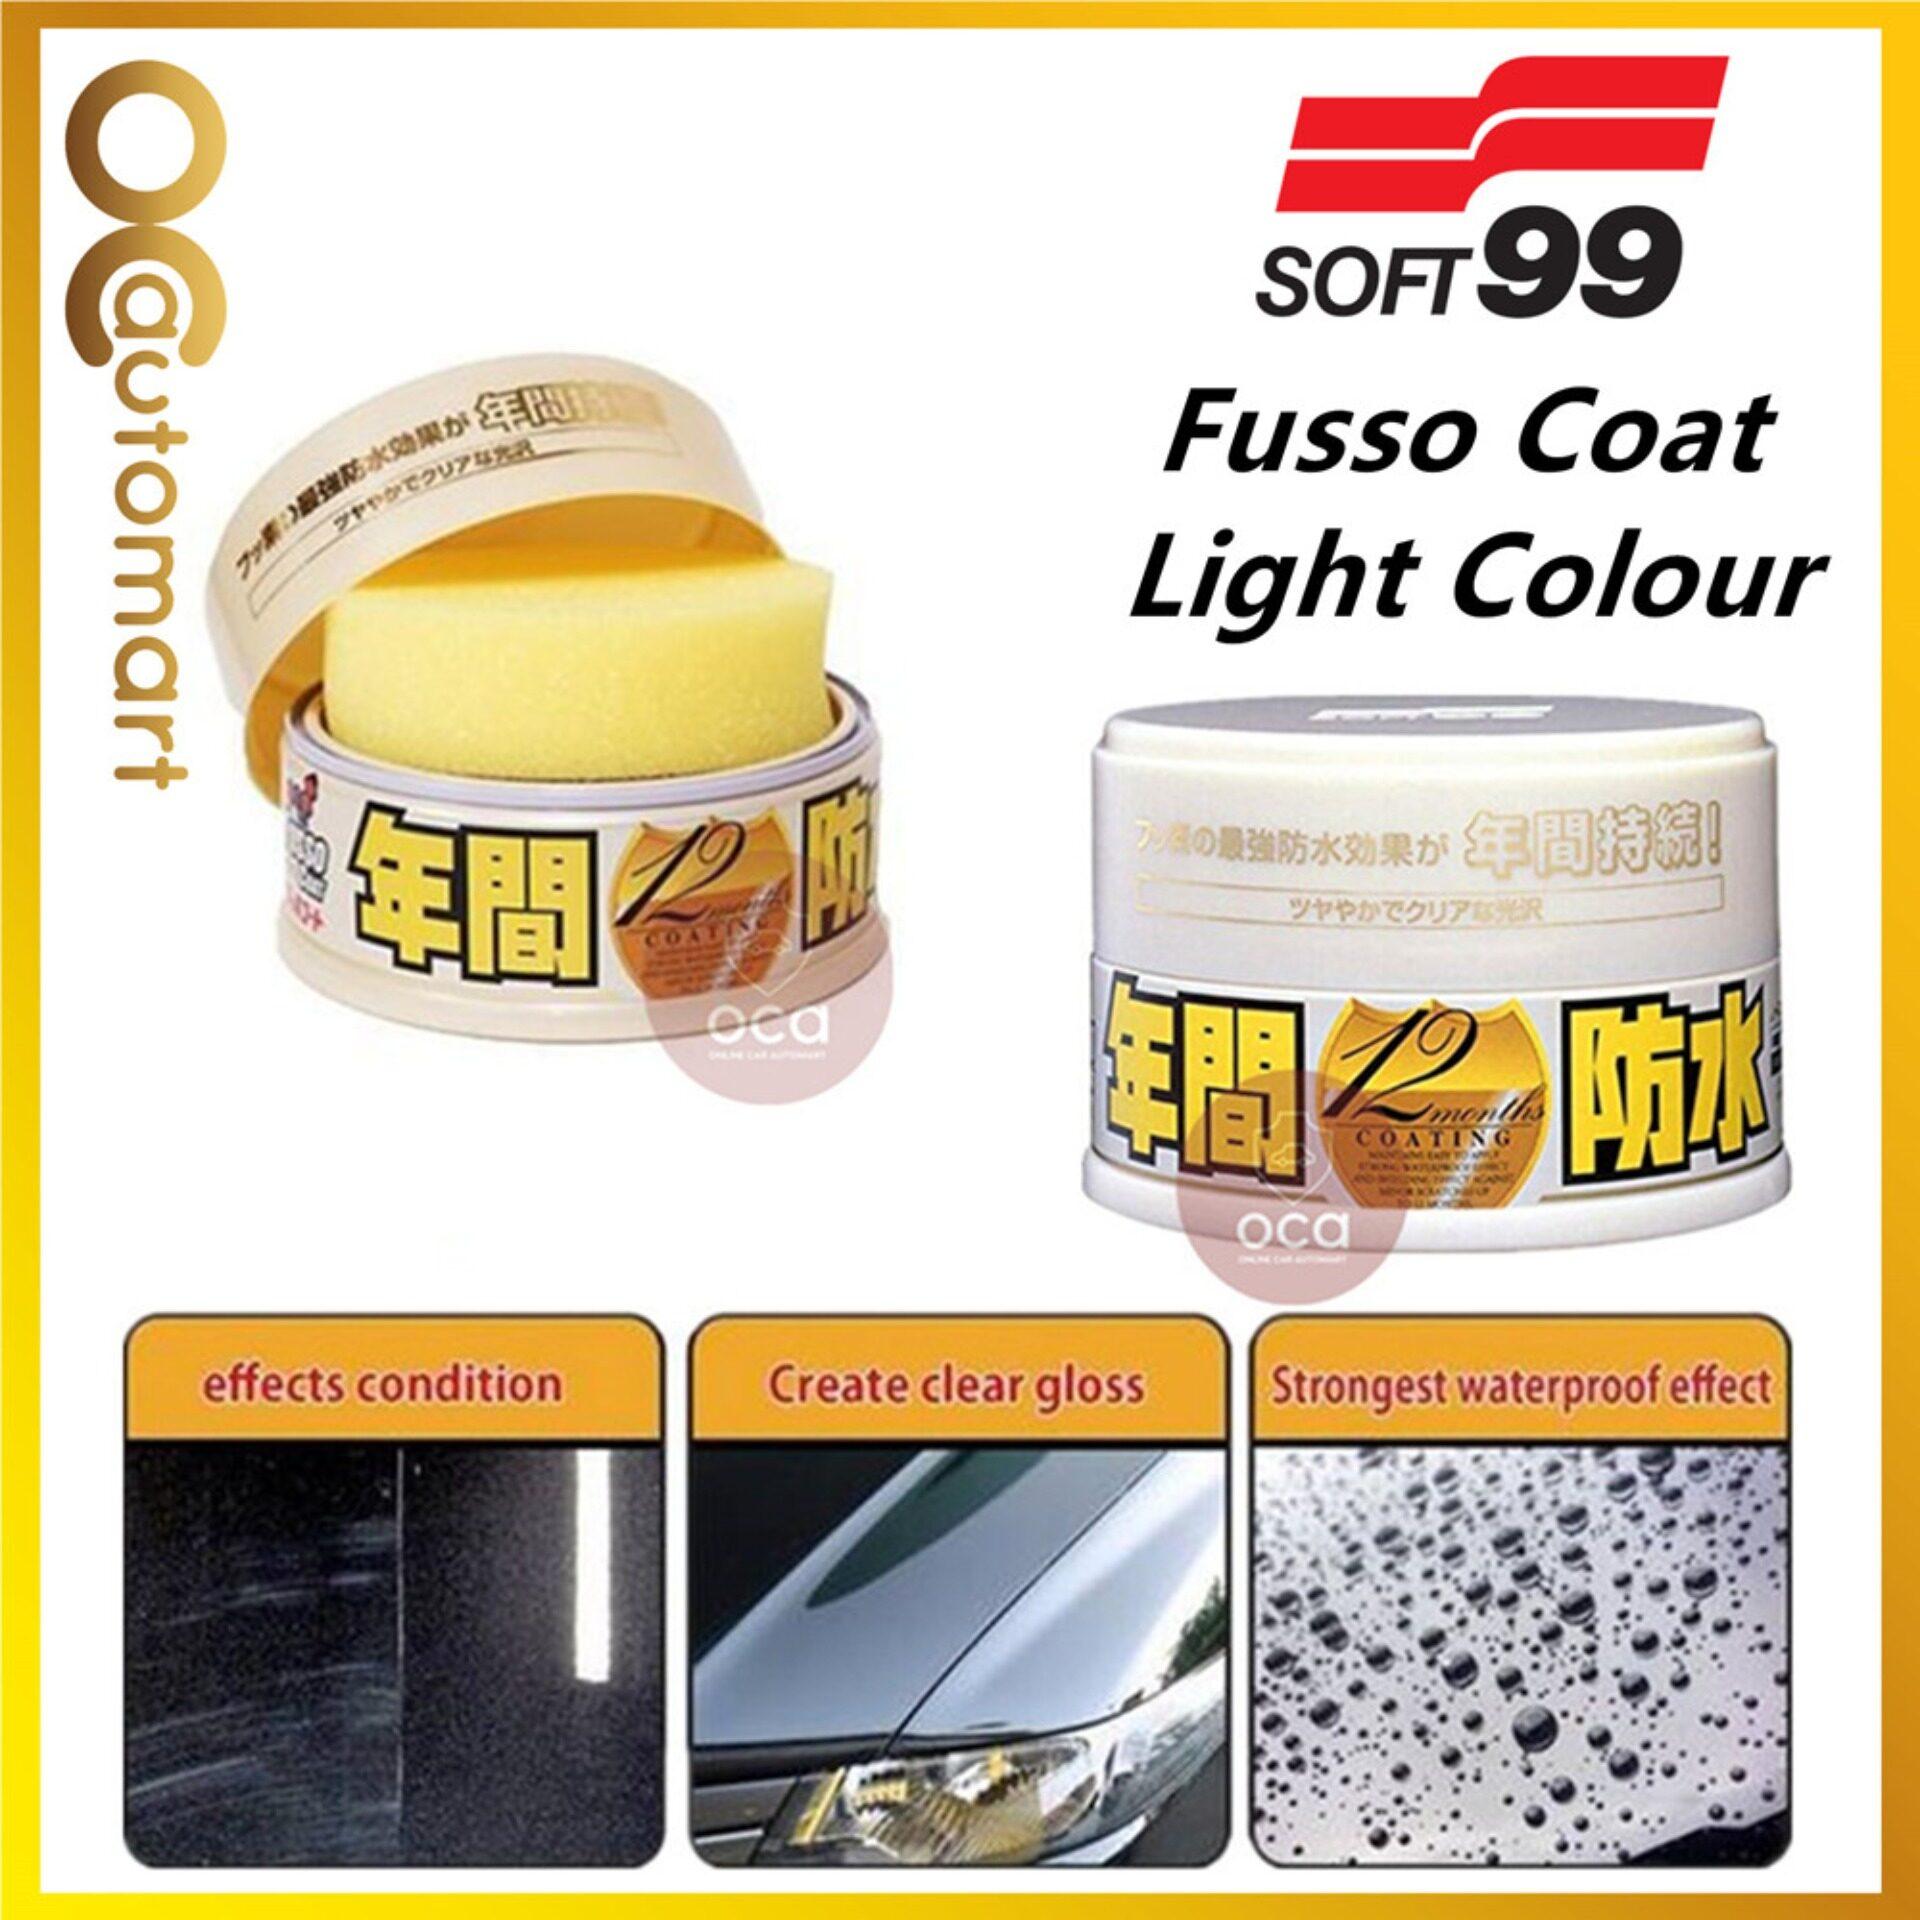 Soft 99 / Soft99 Fusso Coat 12 Months Light Color Wax - 200g